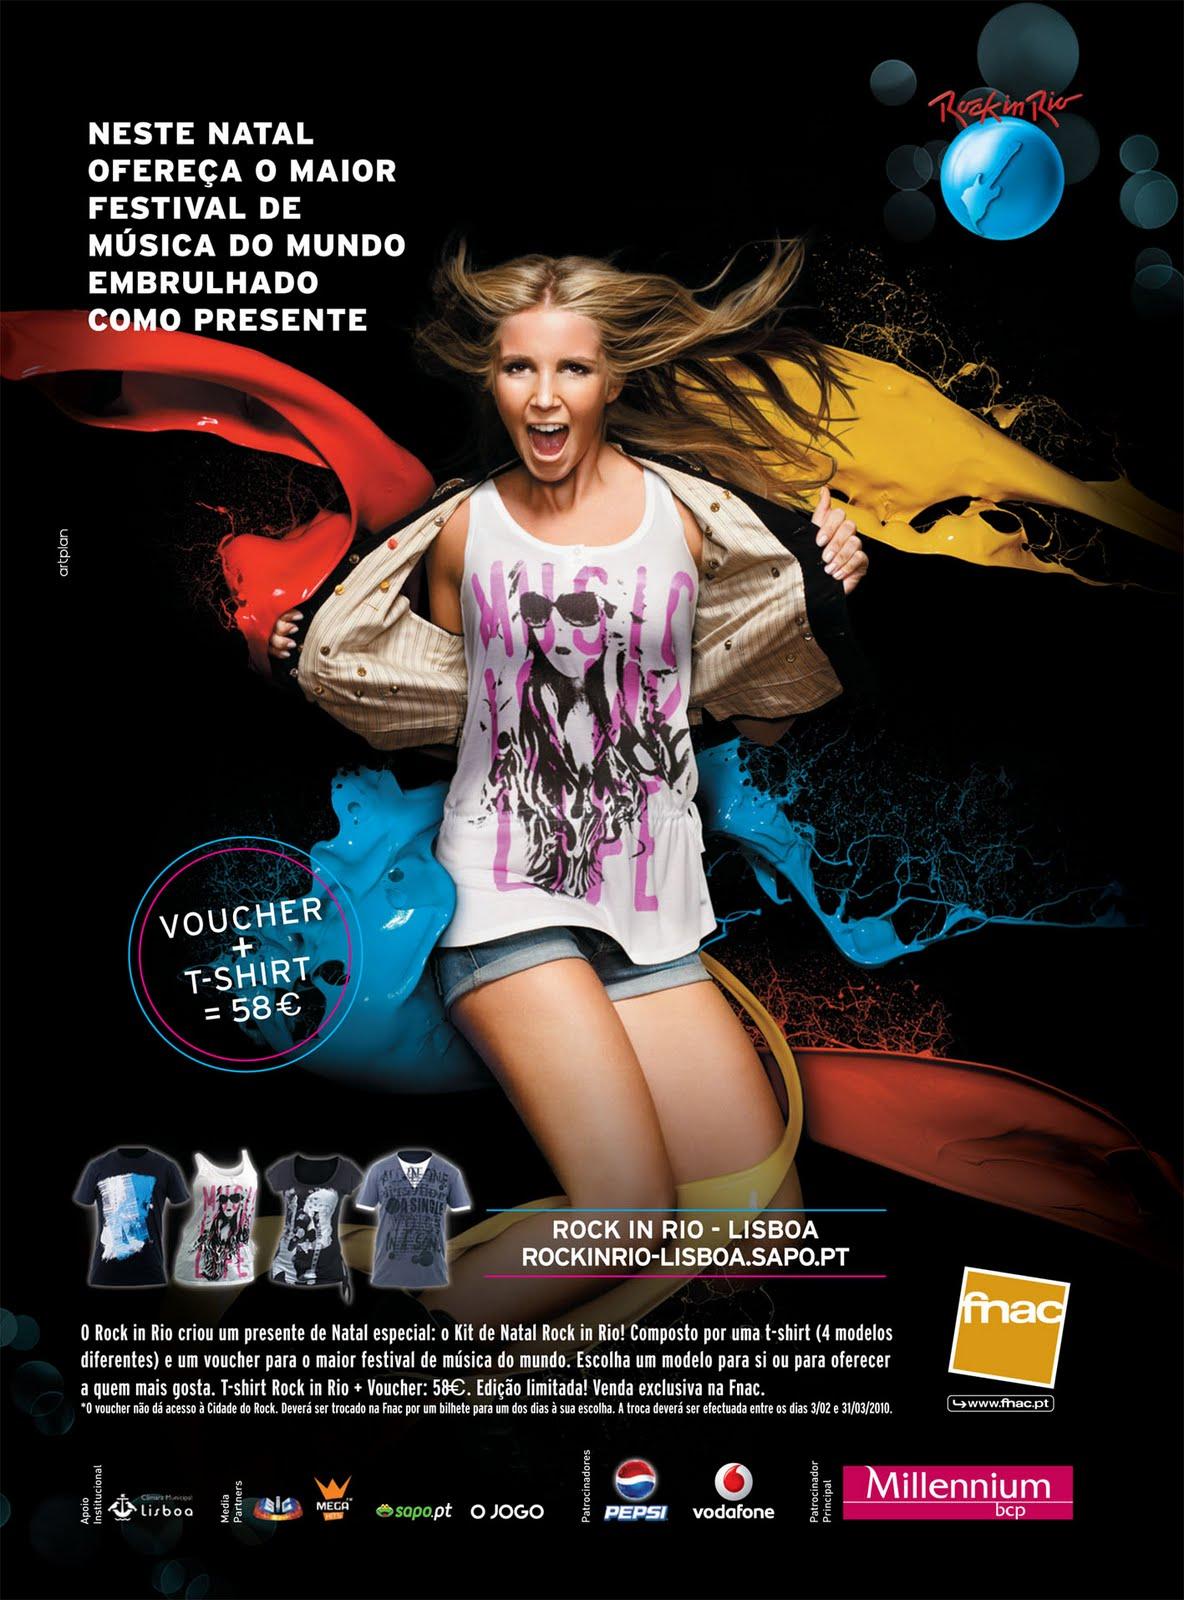 http://2.bp.blogspot.com/_IiGYb-XOUfc/SwMM62TpayI/AAAAAAAAE_k/ymnFH8GcTd8/s1600/An%C3%BAncio+Kit+Natal+Rock+in+Rio-Lisboa+2010.jpg